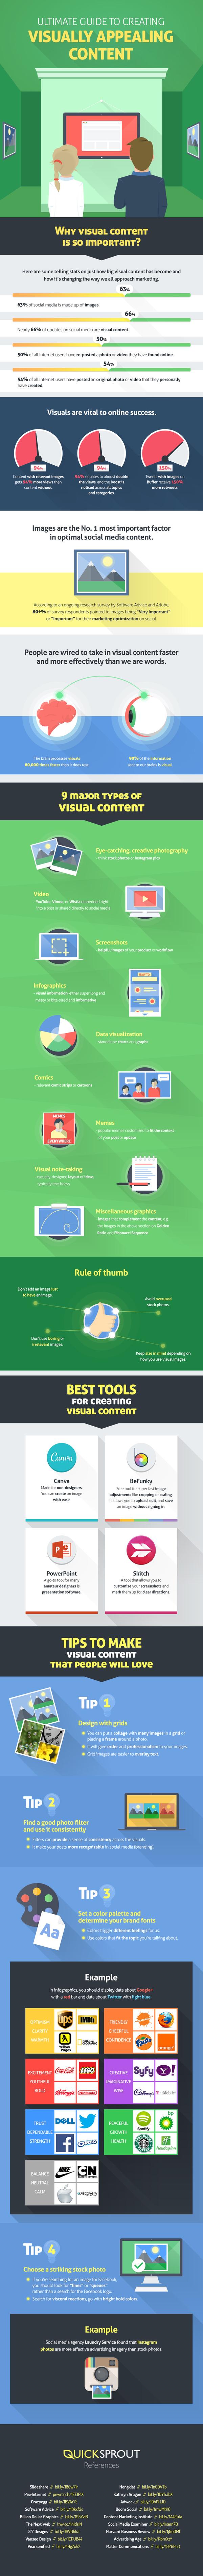 Astuces pour créer des contenus visuels attirants [Infographie] #Webmarketing | Search engine optimization : SEO | Scoop.it